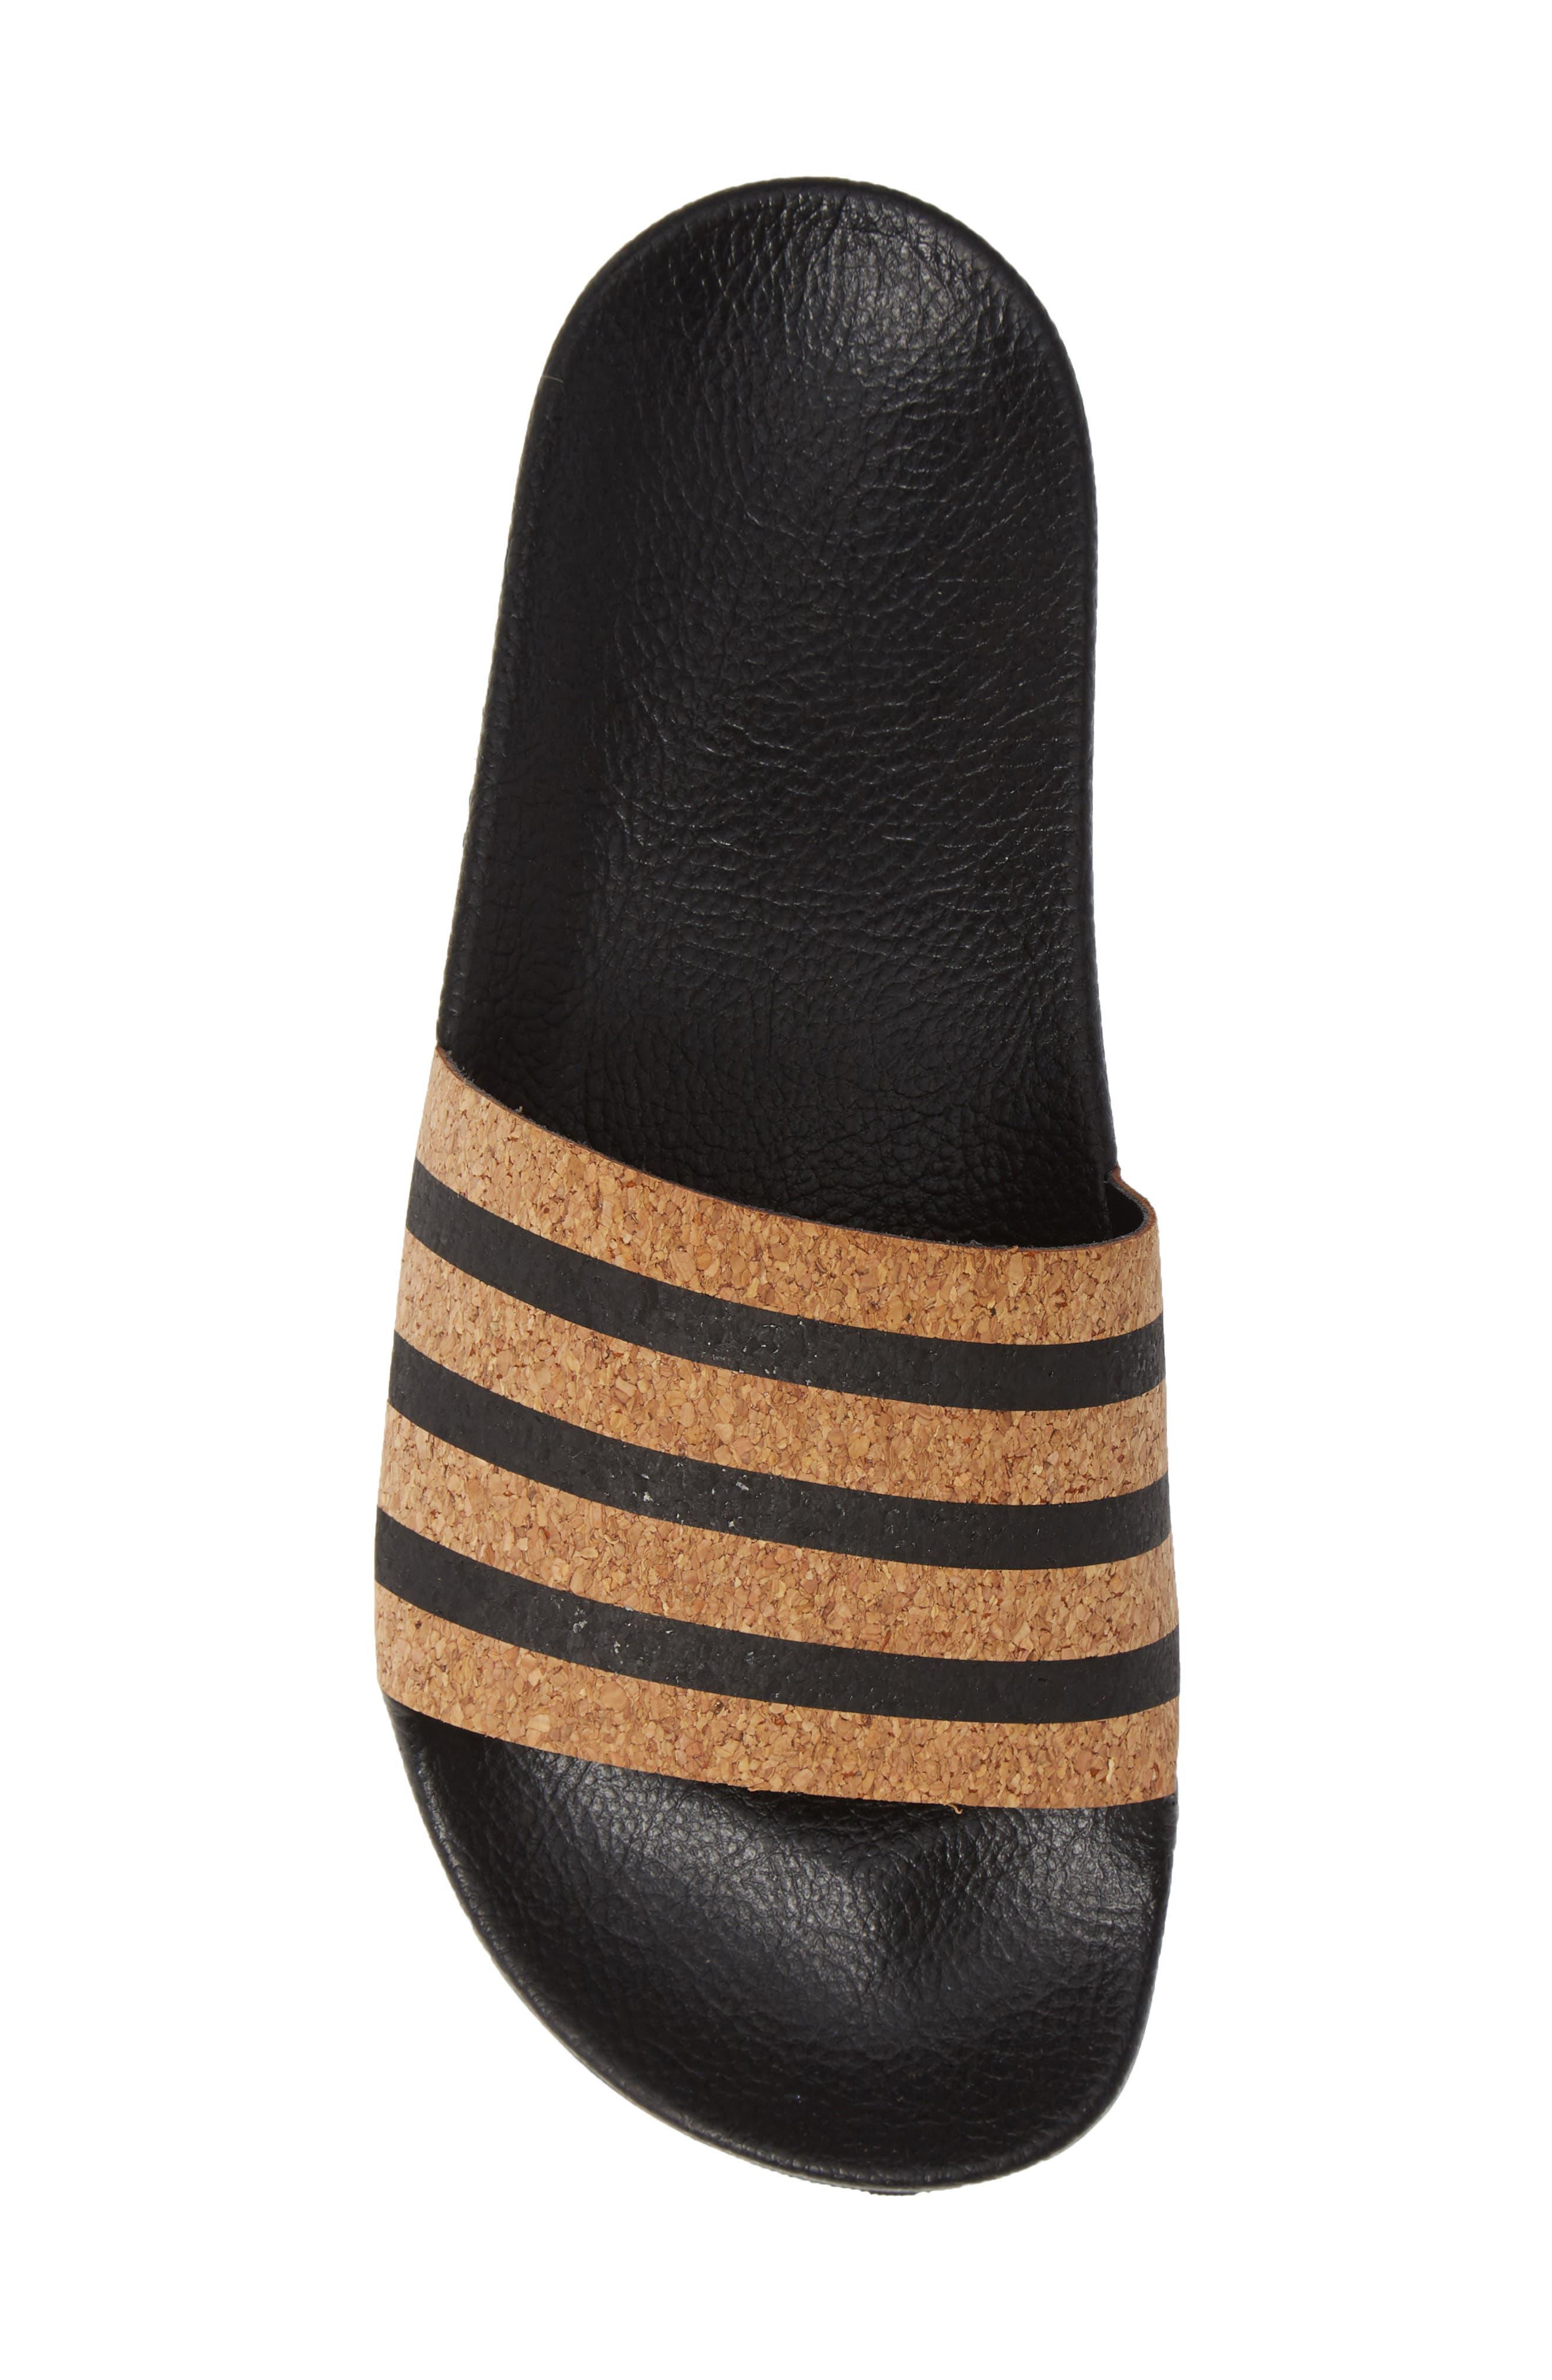 'Adilette' Slide Sandal,                             Alternate thumbnail 5, color,                             CORE BLACK/ CORE BLACK